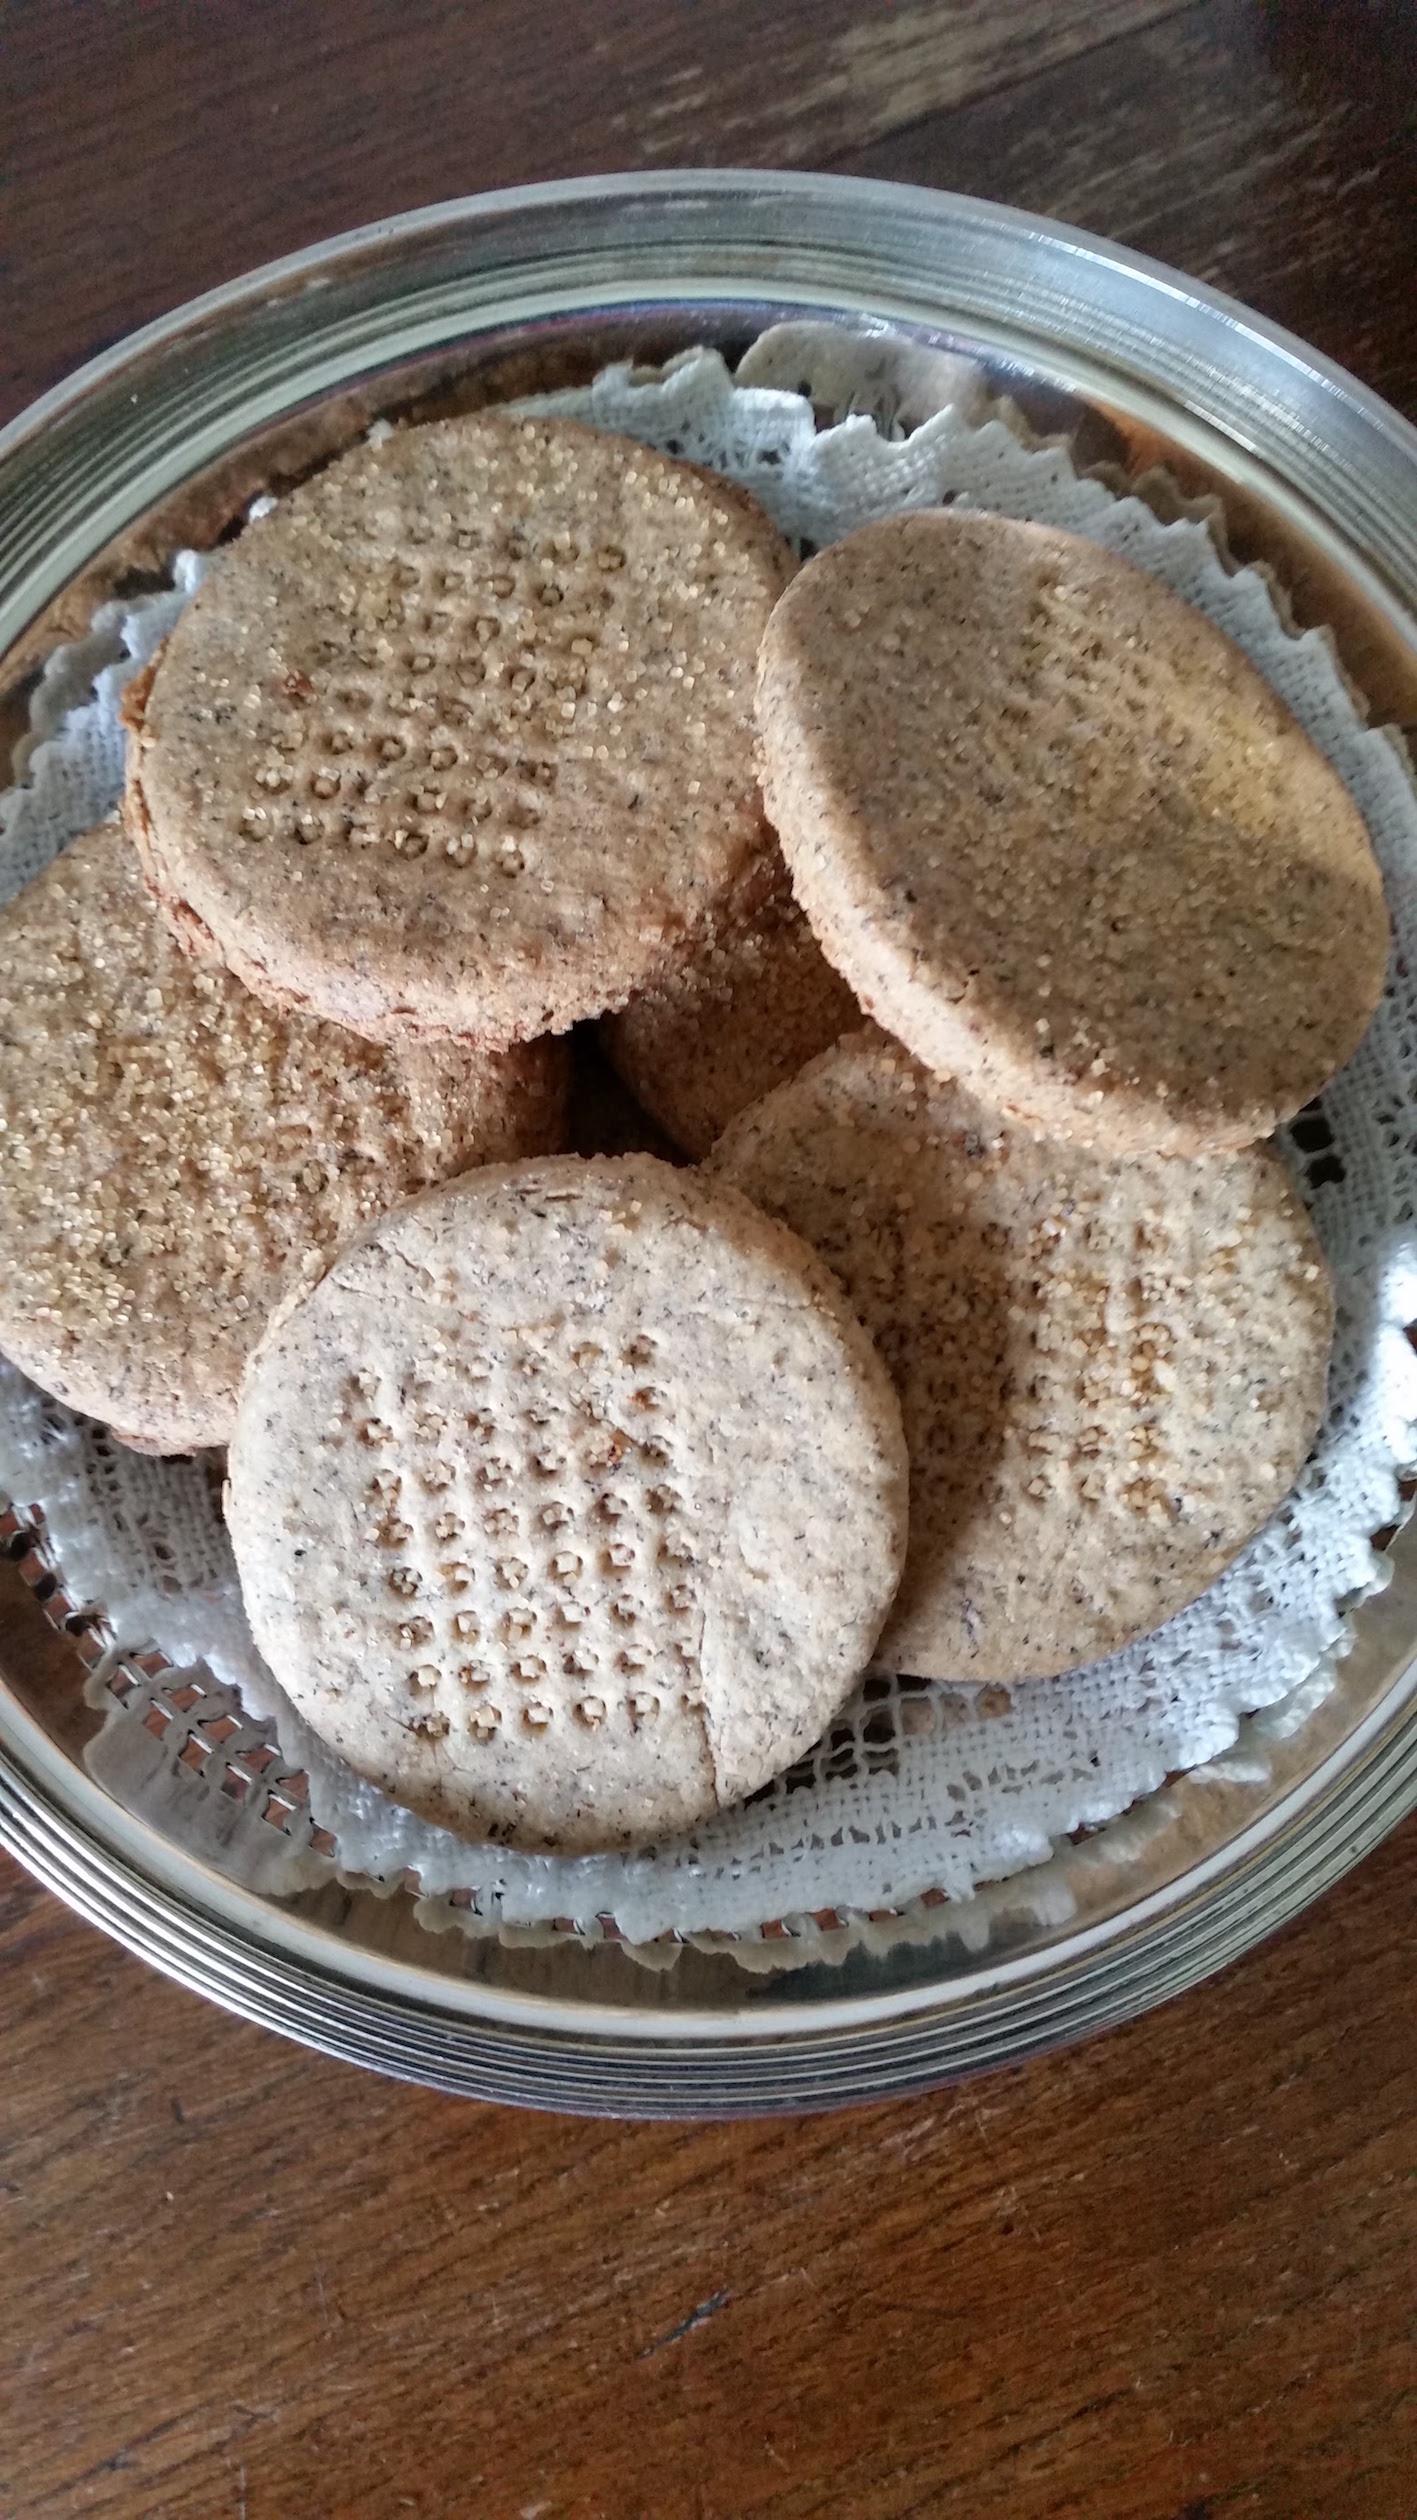 biscotti al grano sareceno